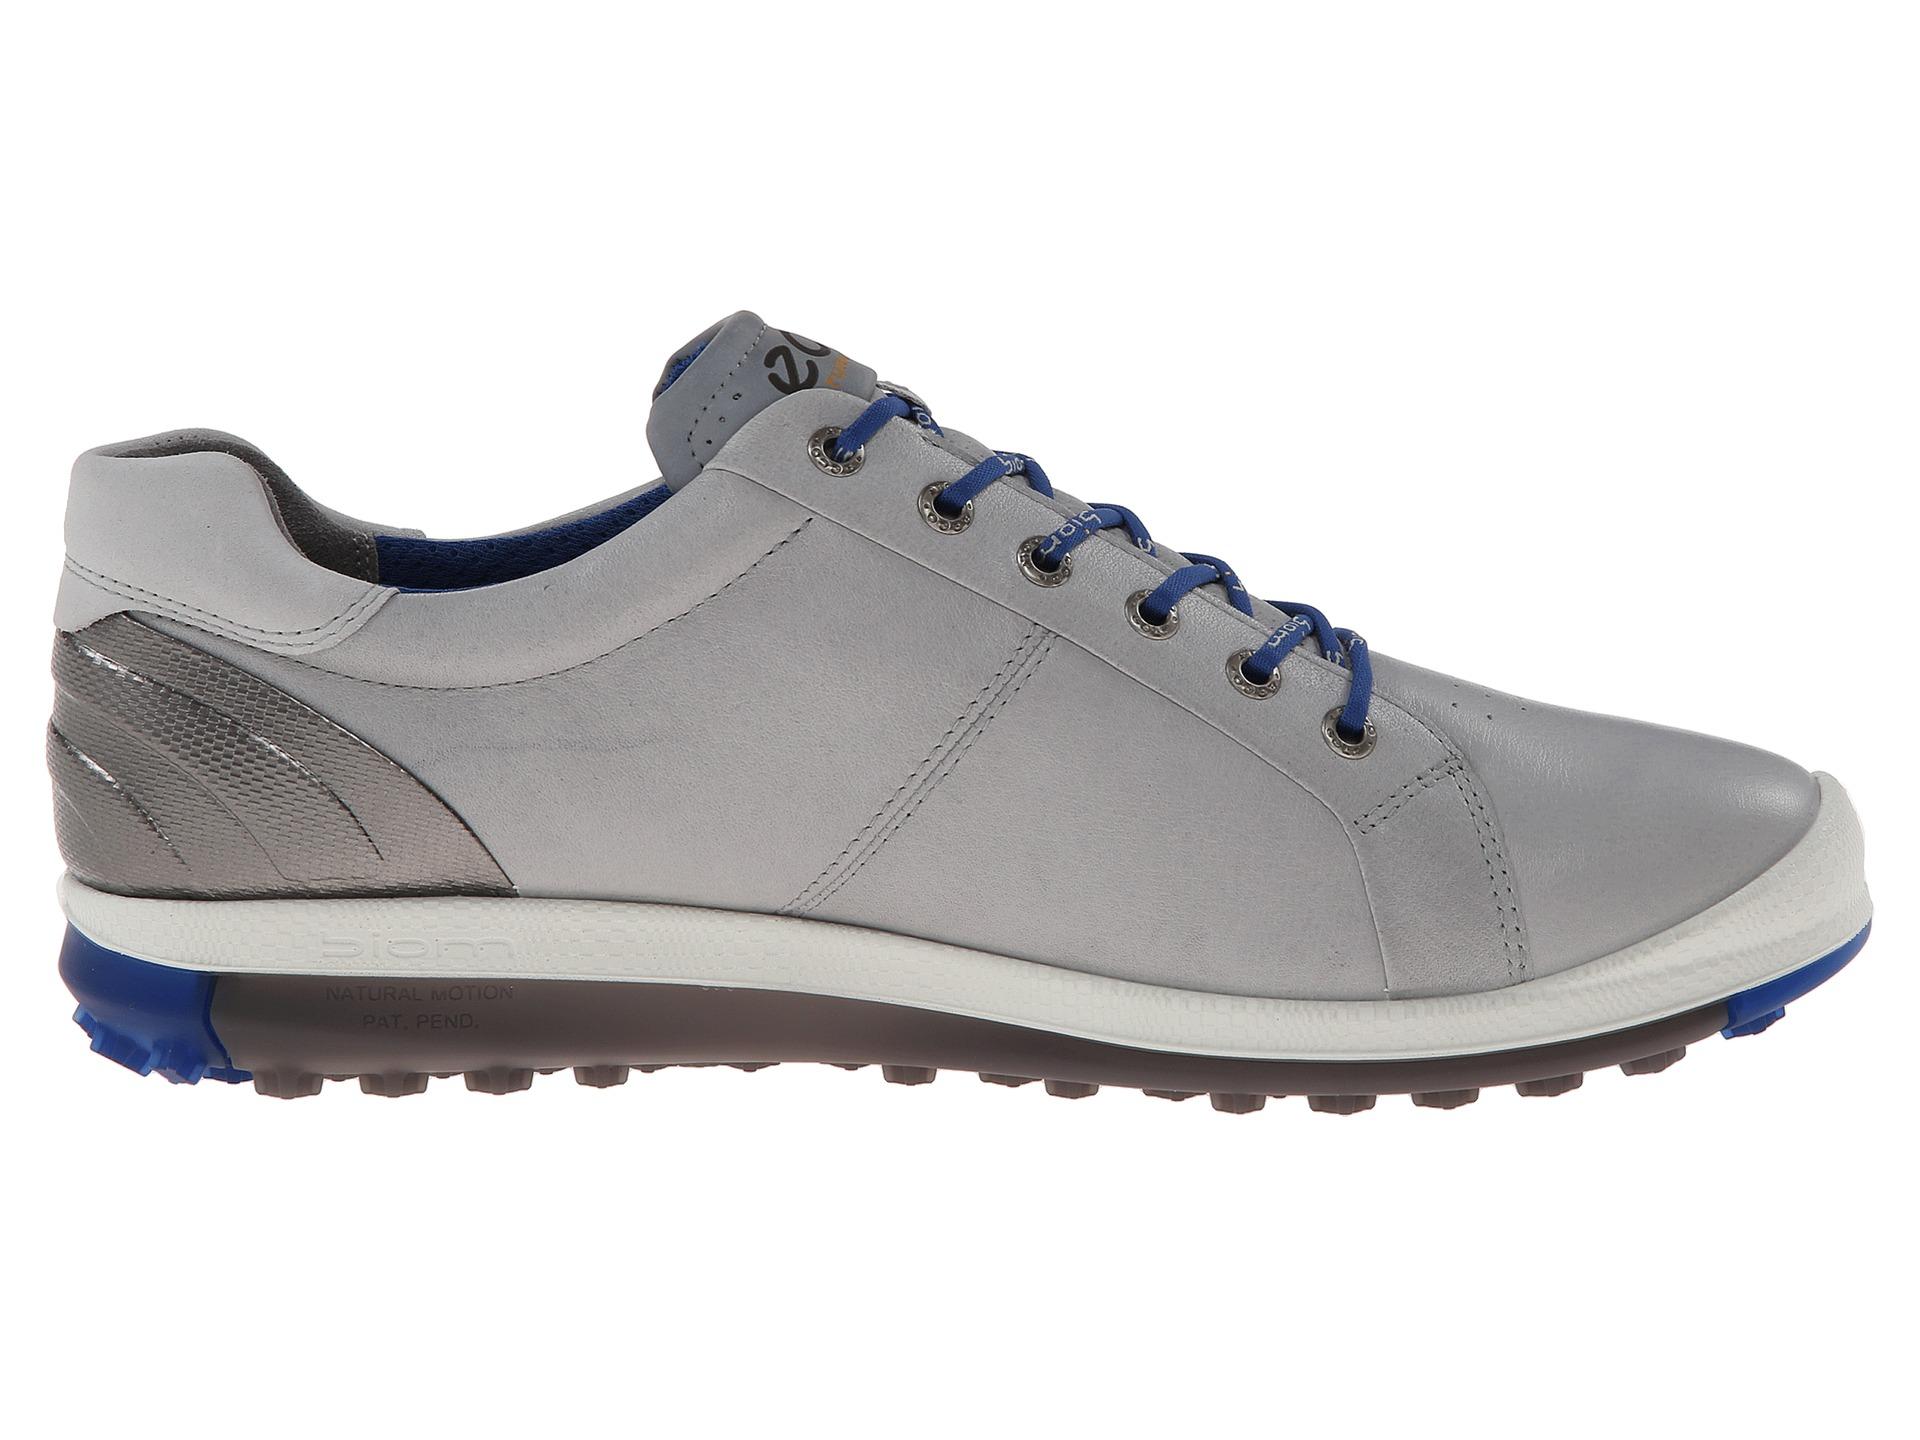 Zappos Ecco Biom Golf Shoes